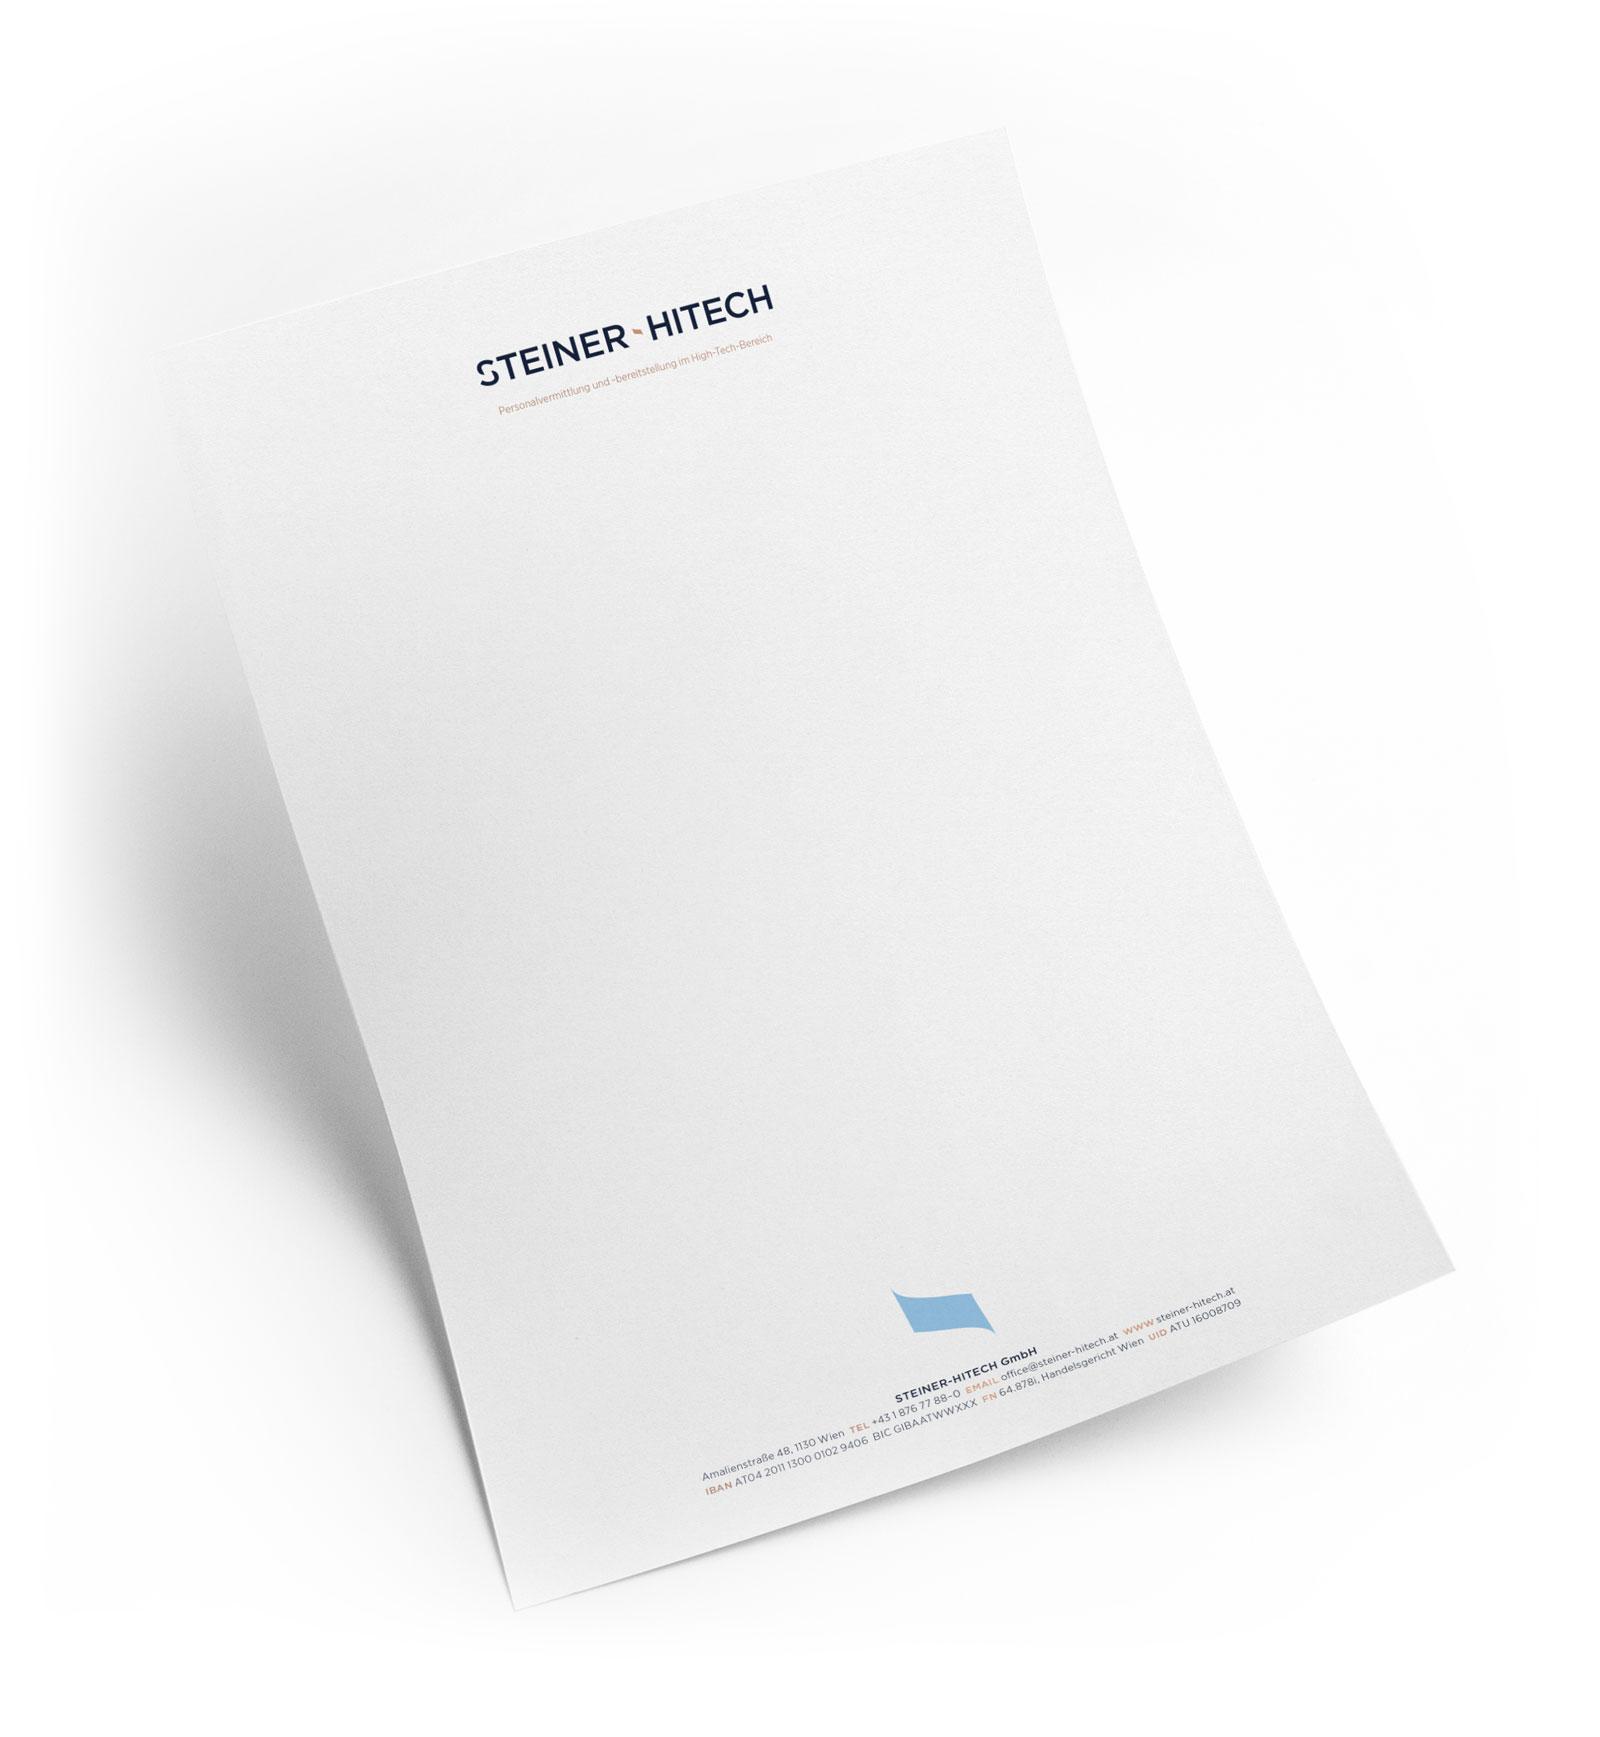 Steiner Hitech Letter 1